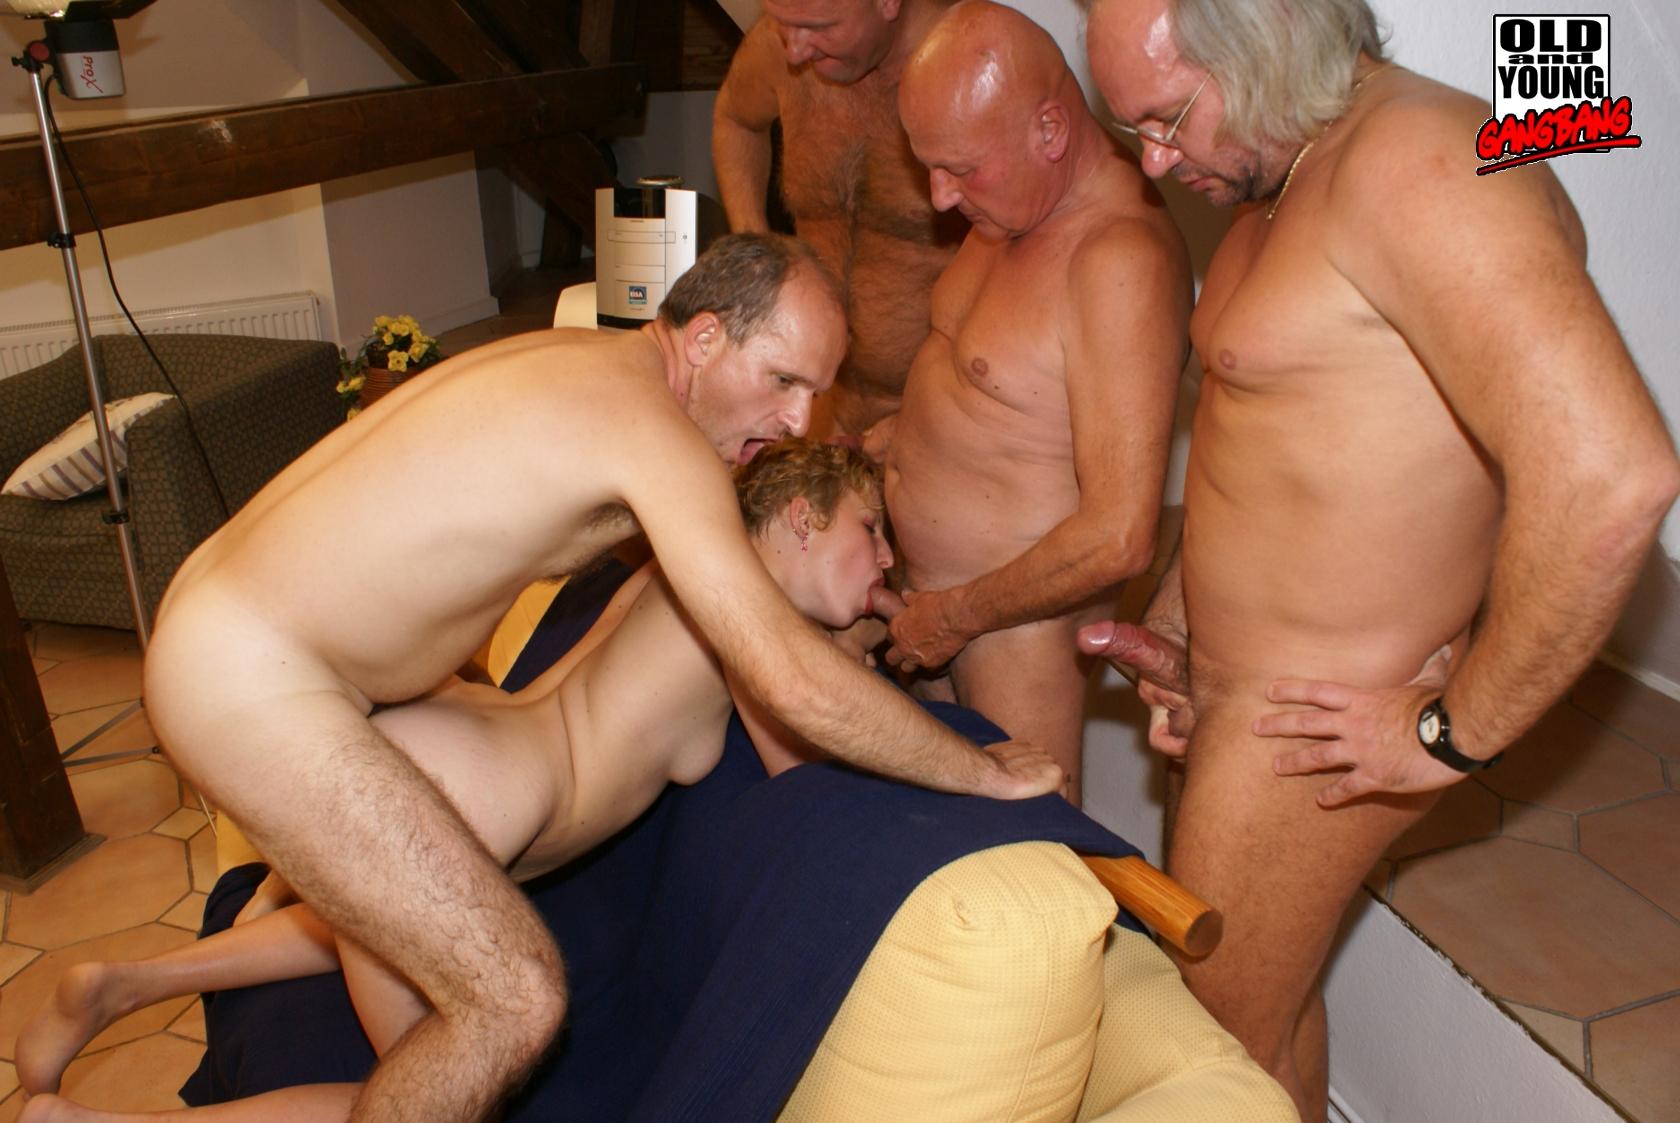 Granny the whore 1 scene 4 4